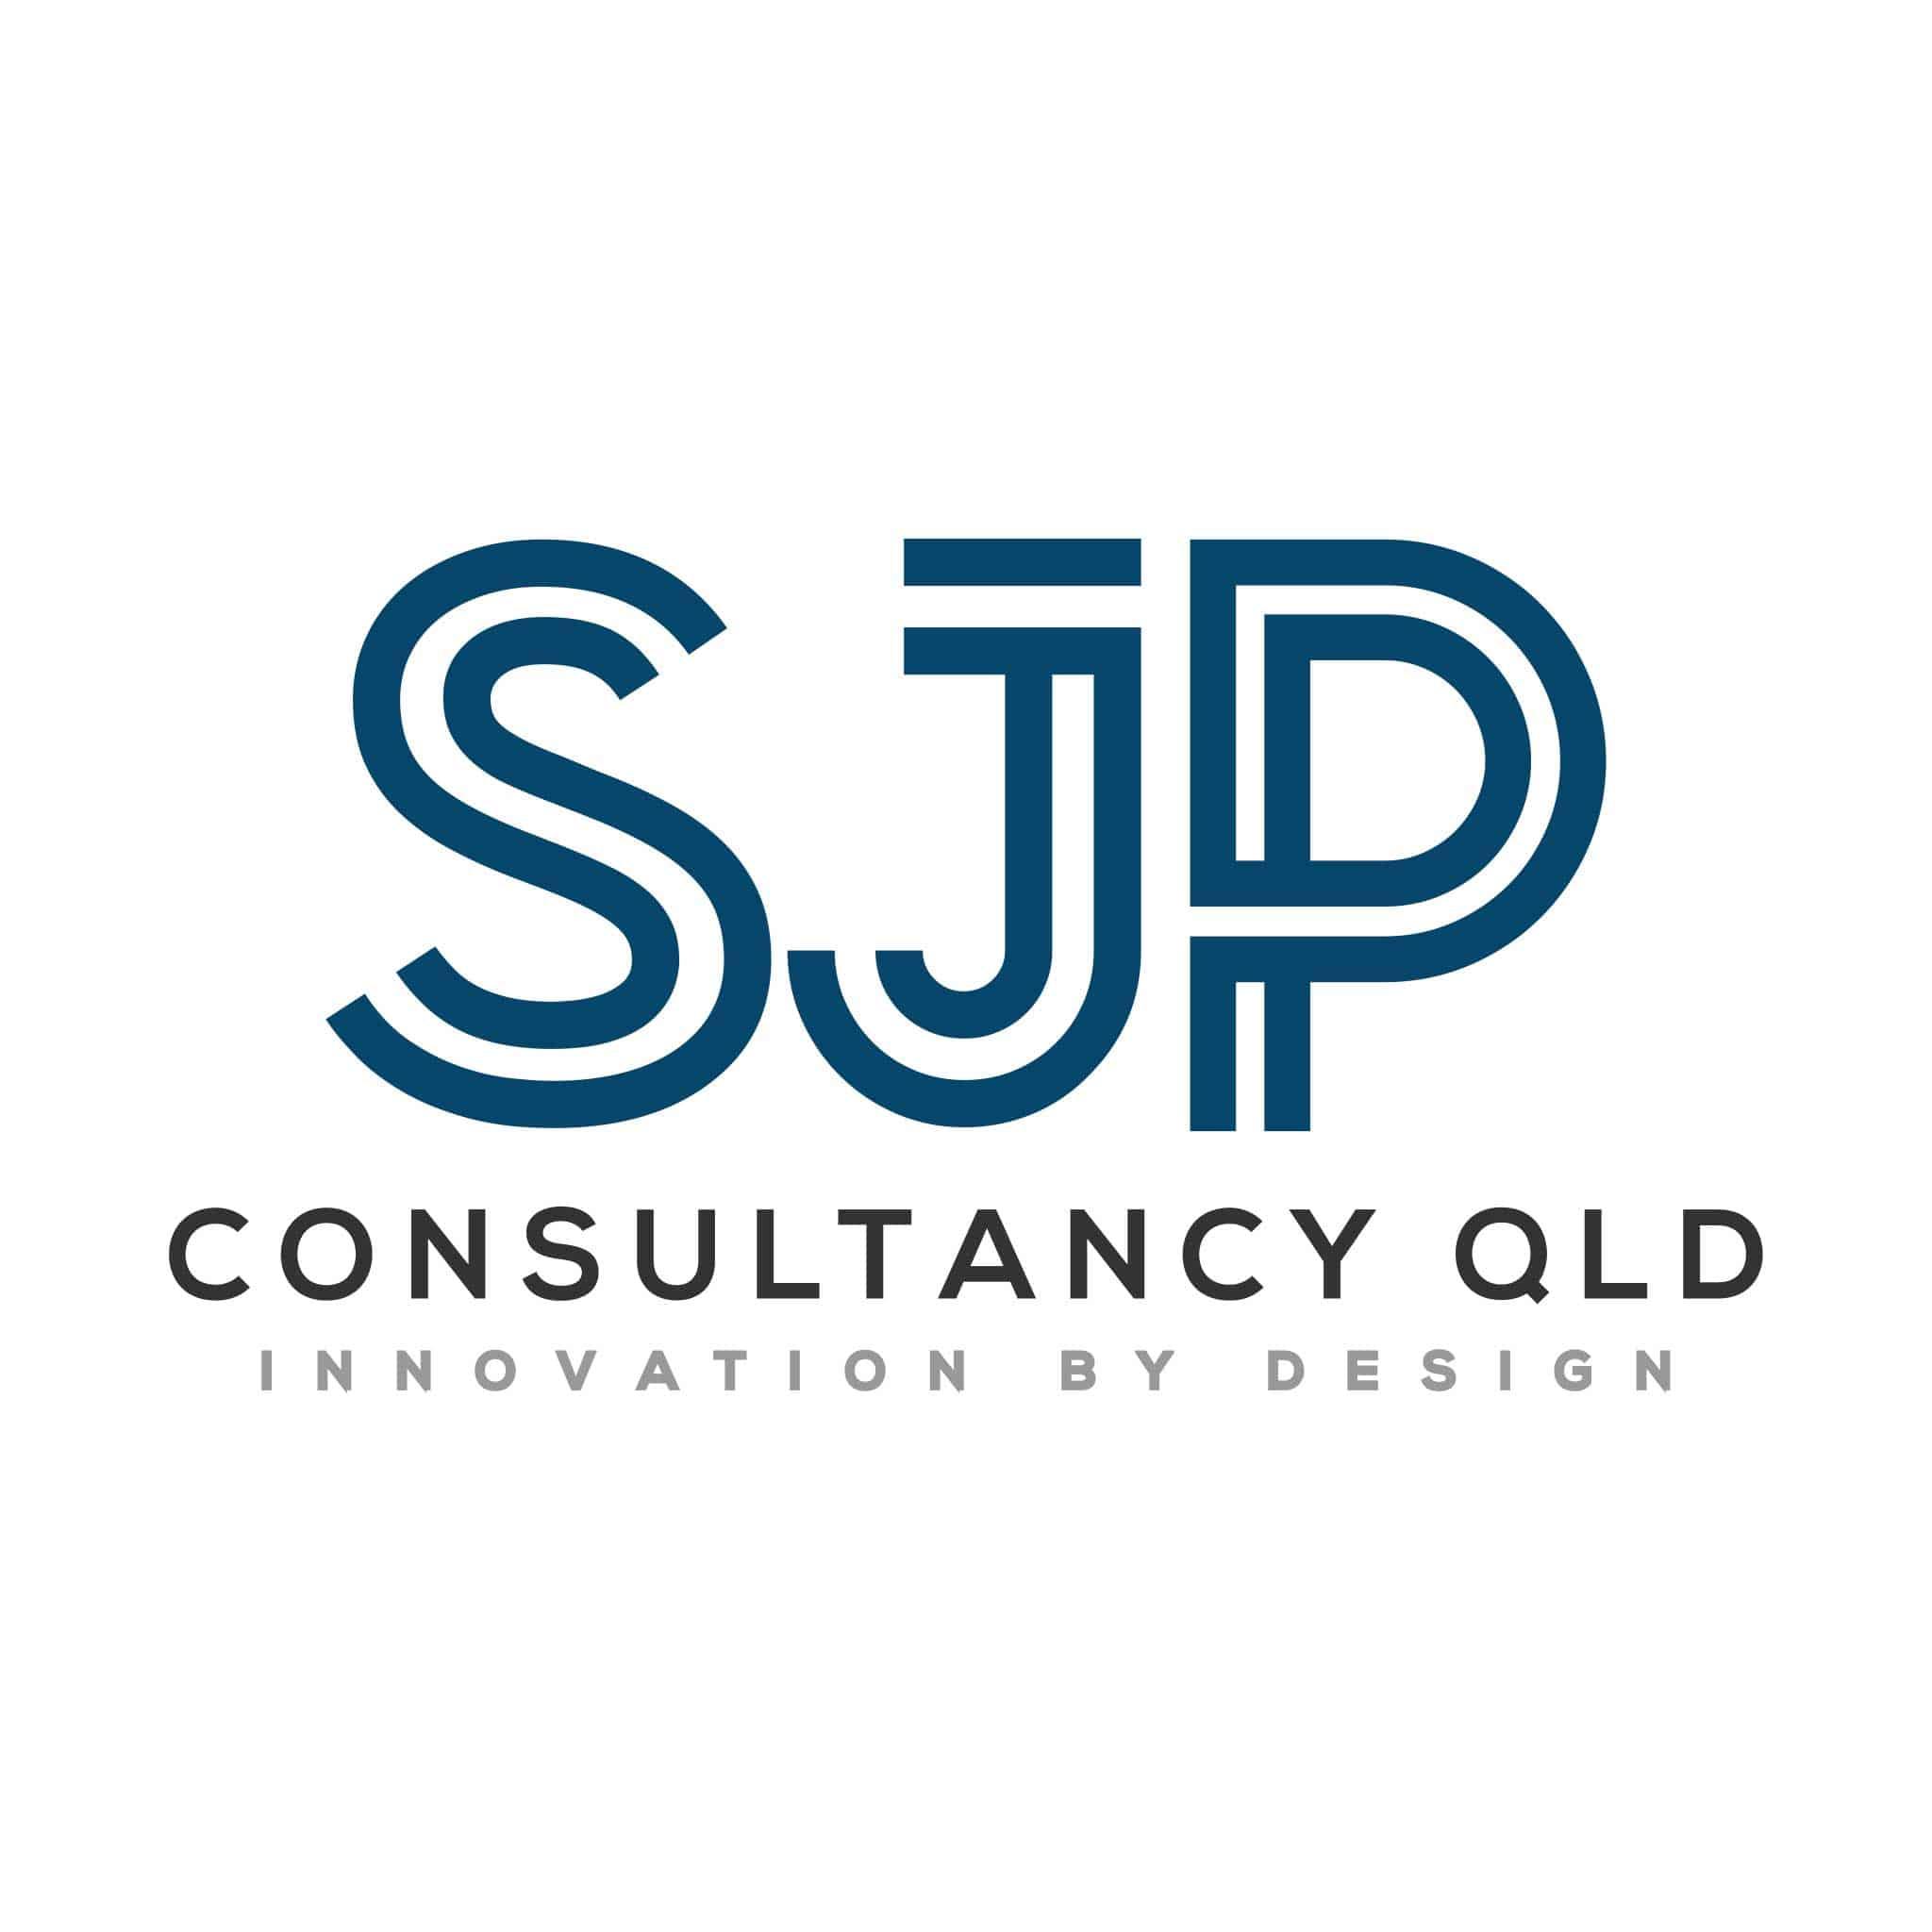 SJP Consultancy